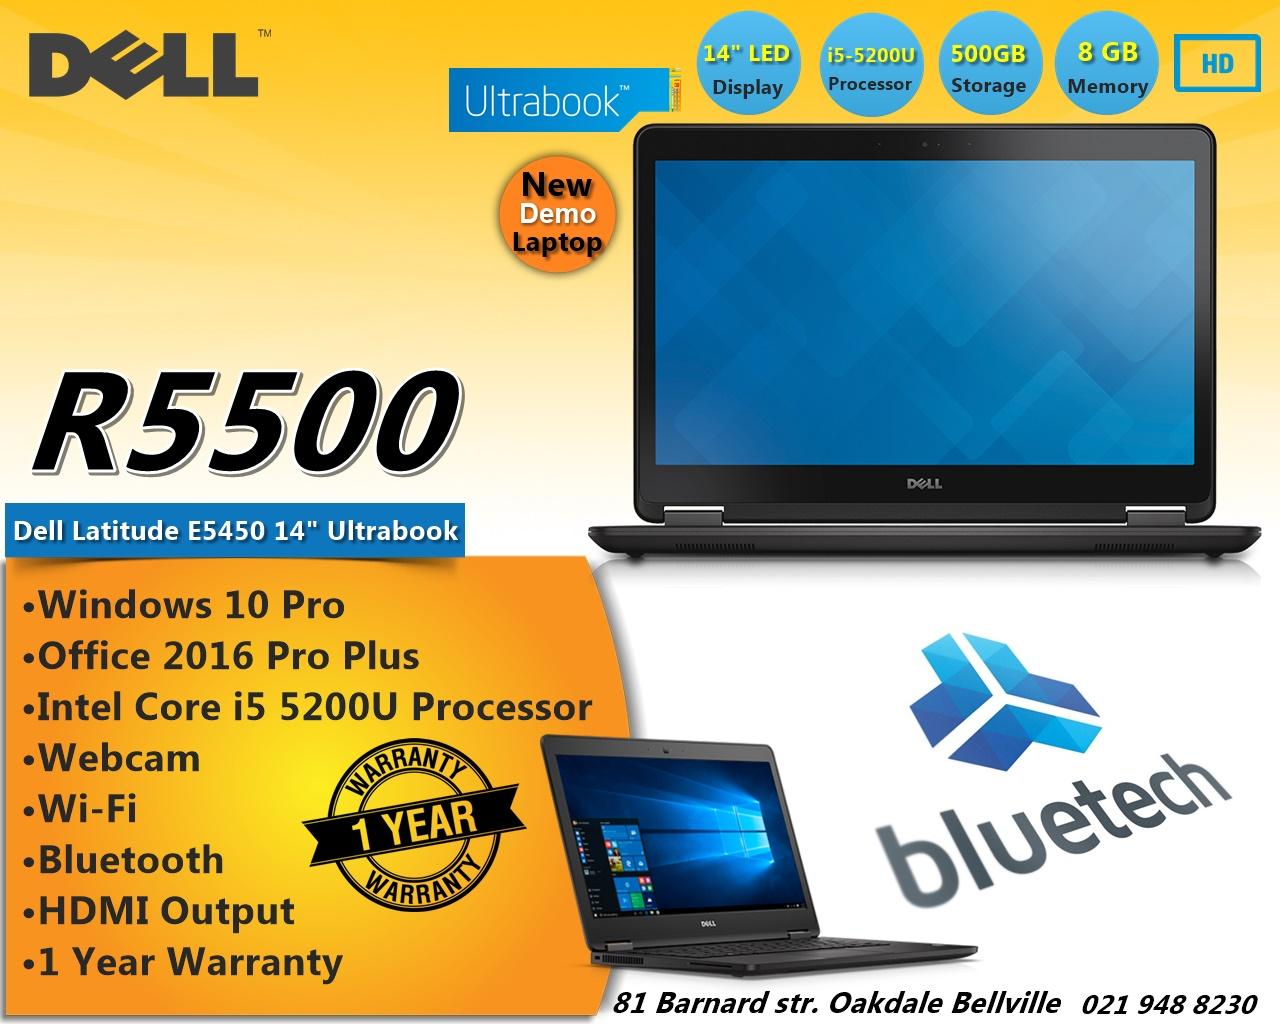 Dell Latitude E5450 Intel Core i5 14